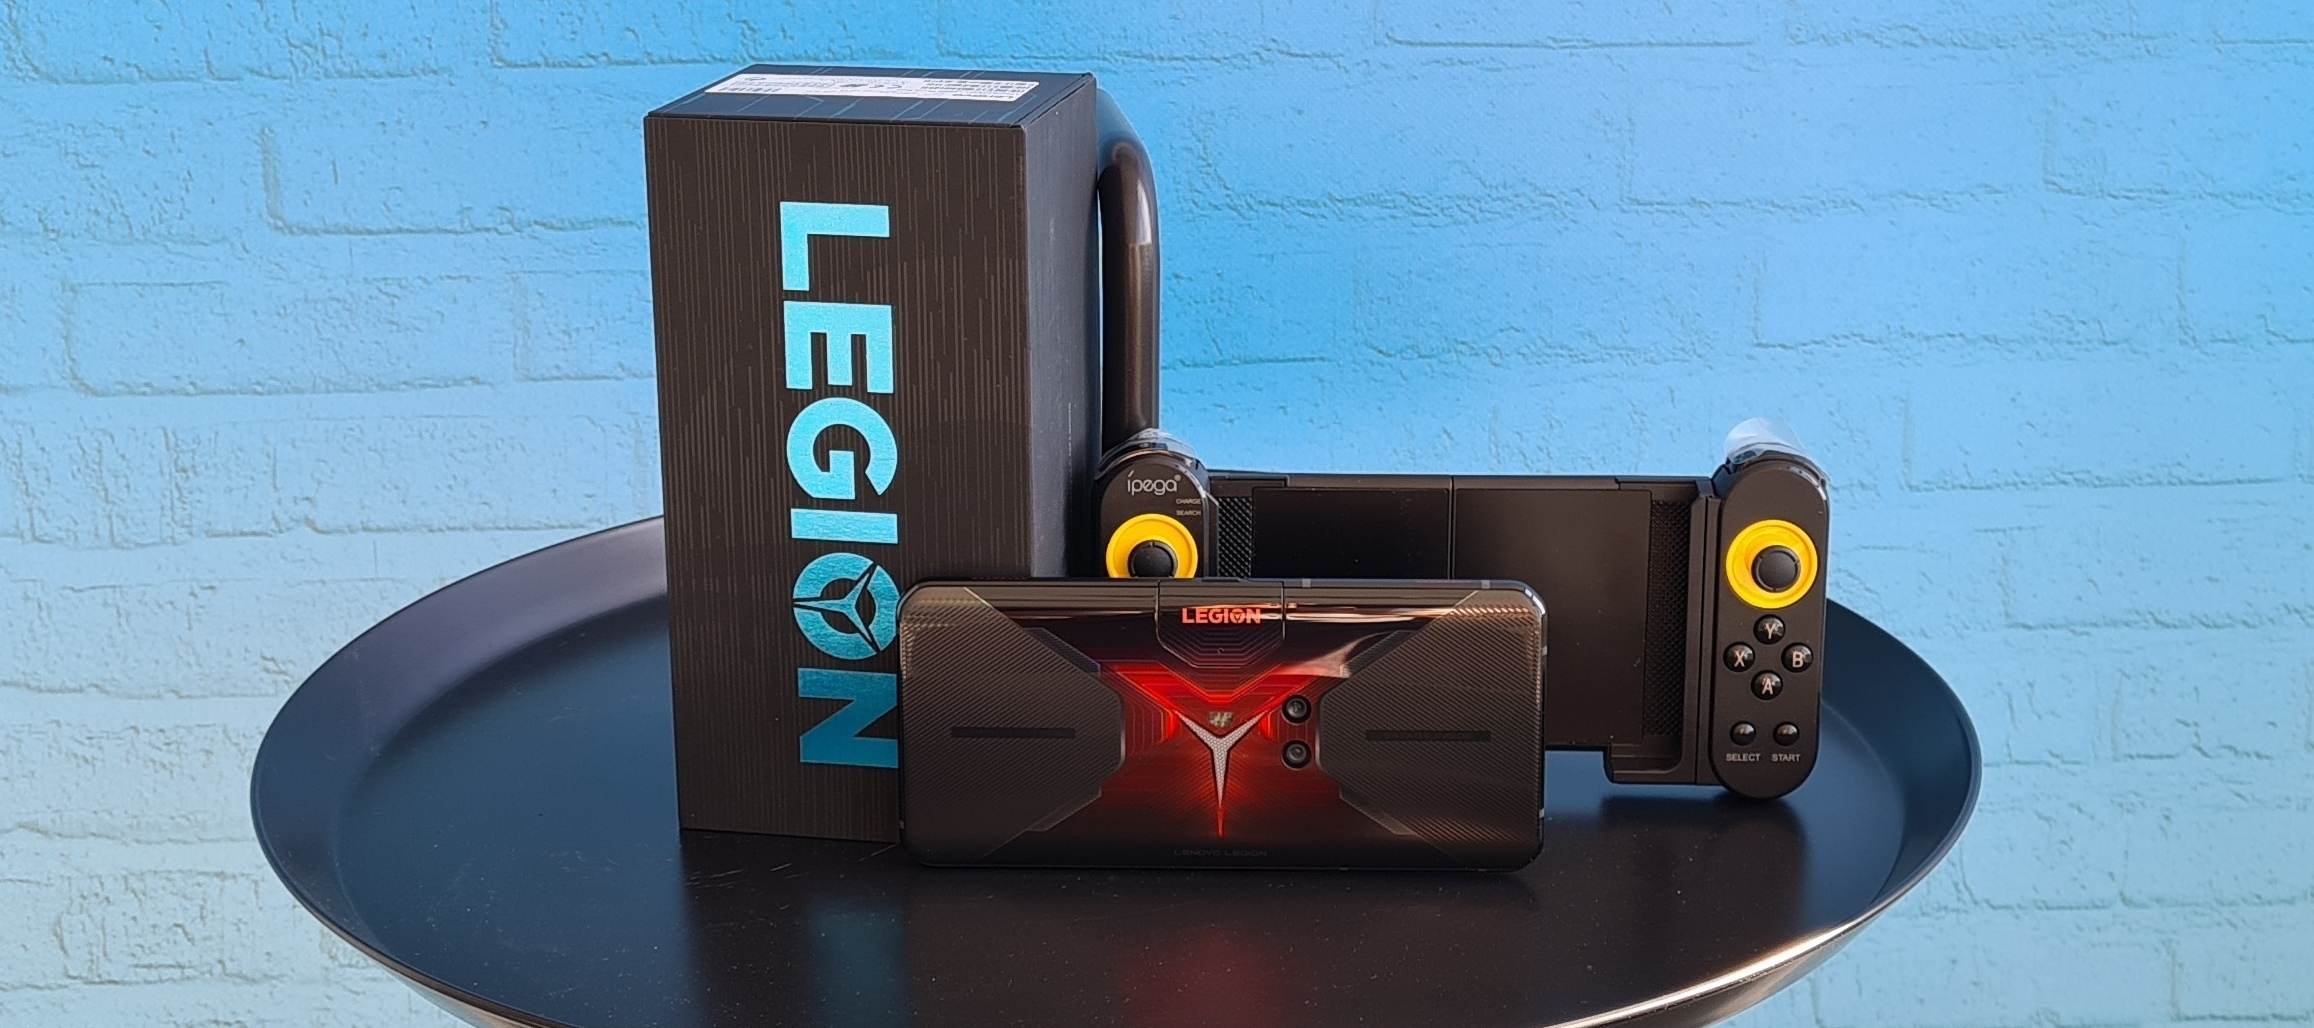 Lenovo Legion Phone Duel - Halte die 240 Hz als Produkttester:in in deinen Händen!